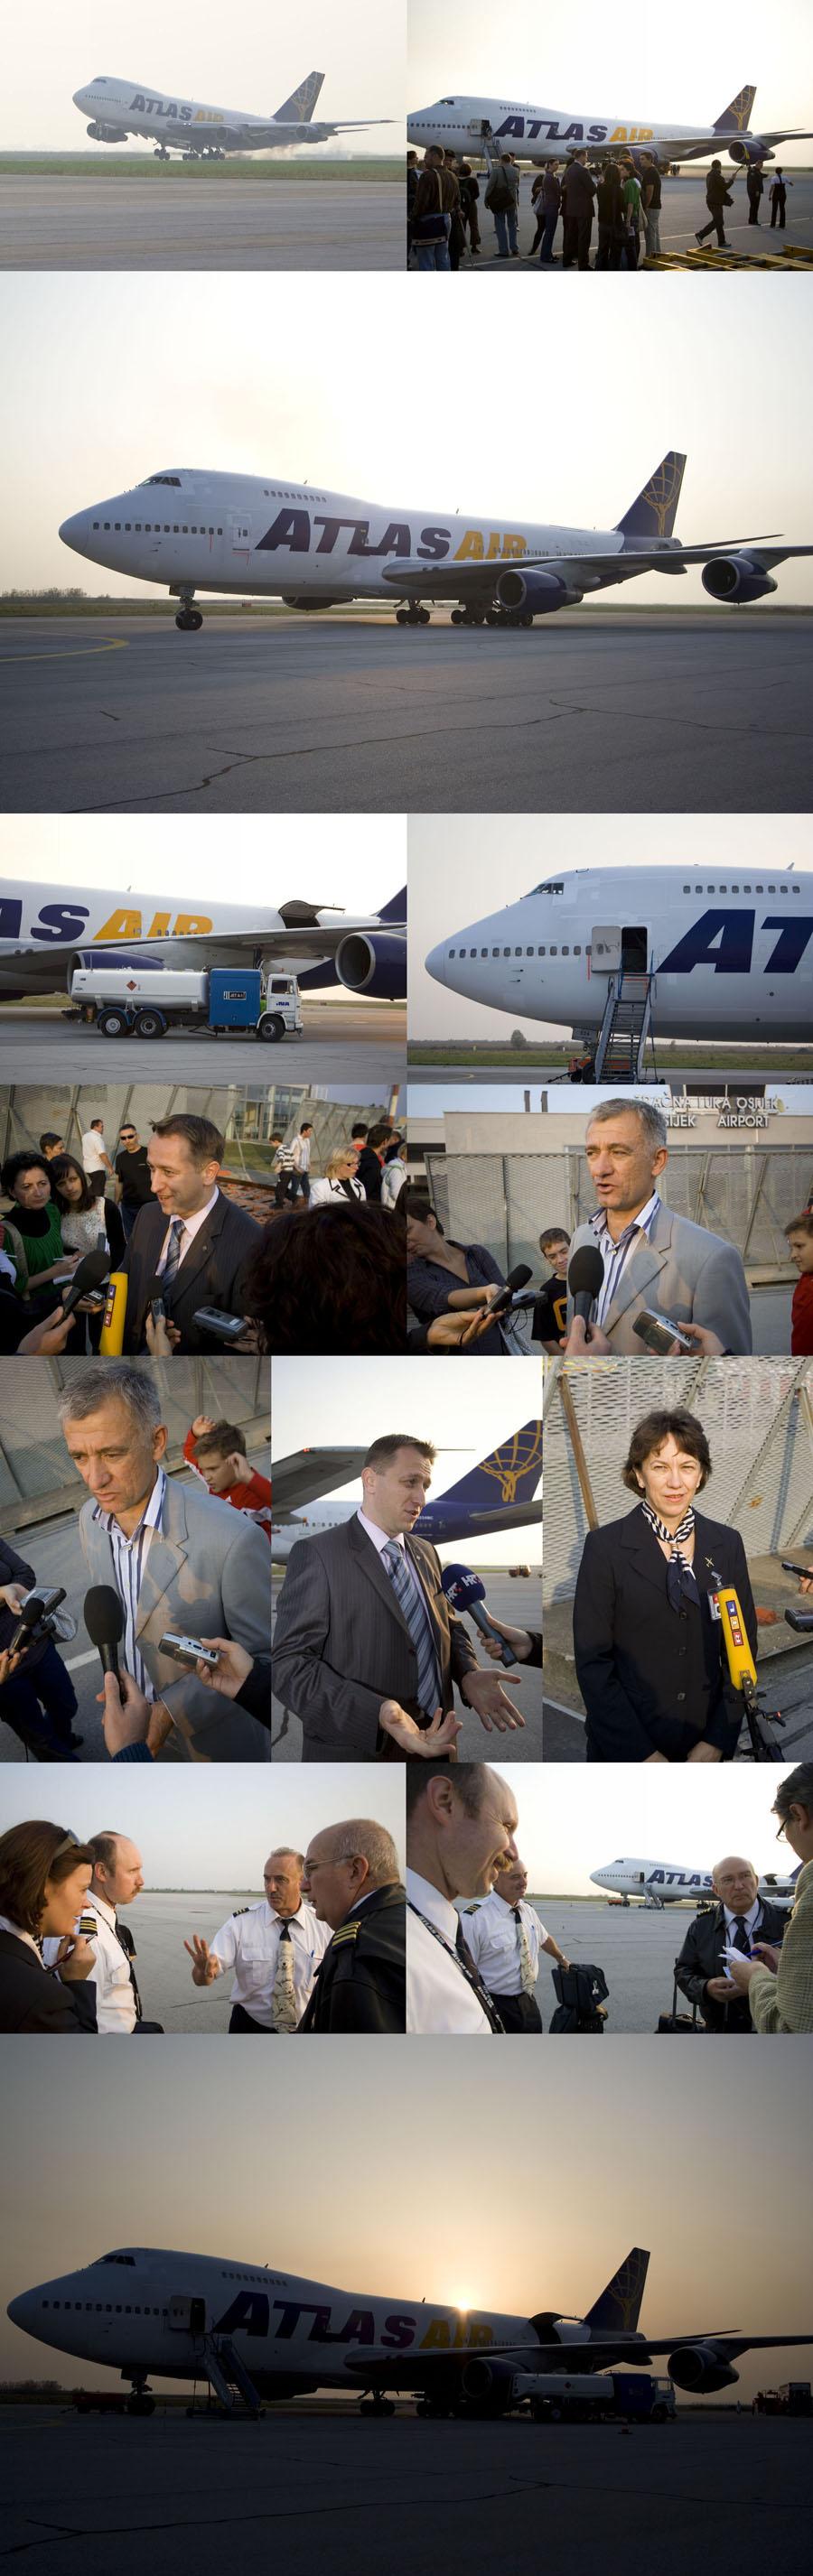 Boeing 747 u Osijeku  [url=http://www.osijek031.com/osijek.php?topic_id=15701]Boeing 747 i leteće junice[/url]  Foto: Daniel Antunovic  Ključne riječi: boeing 747 zlo zrakoplov